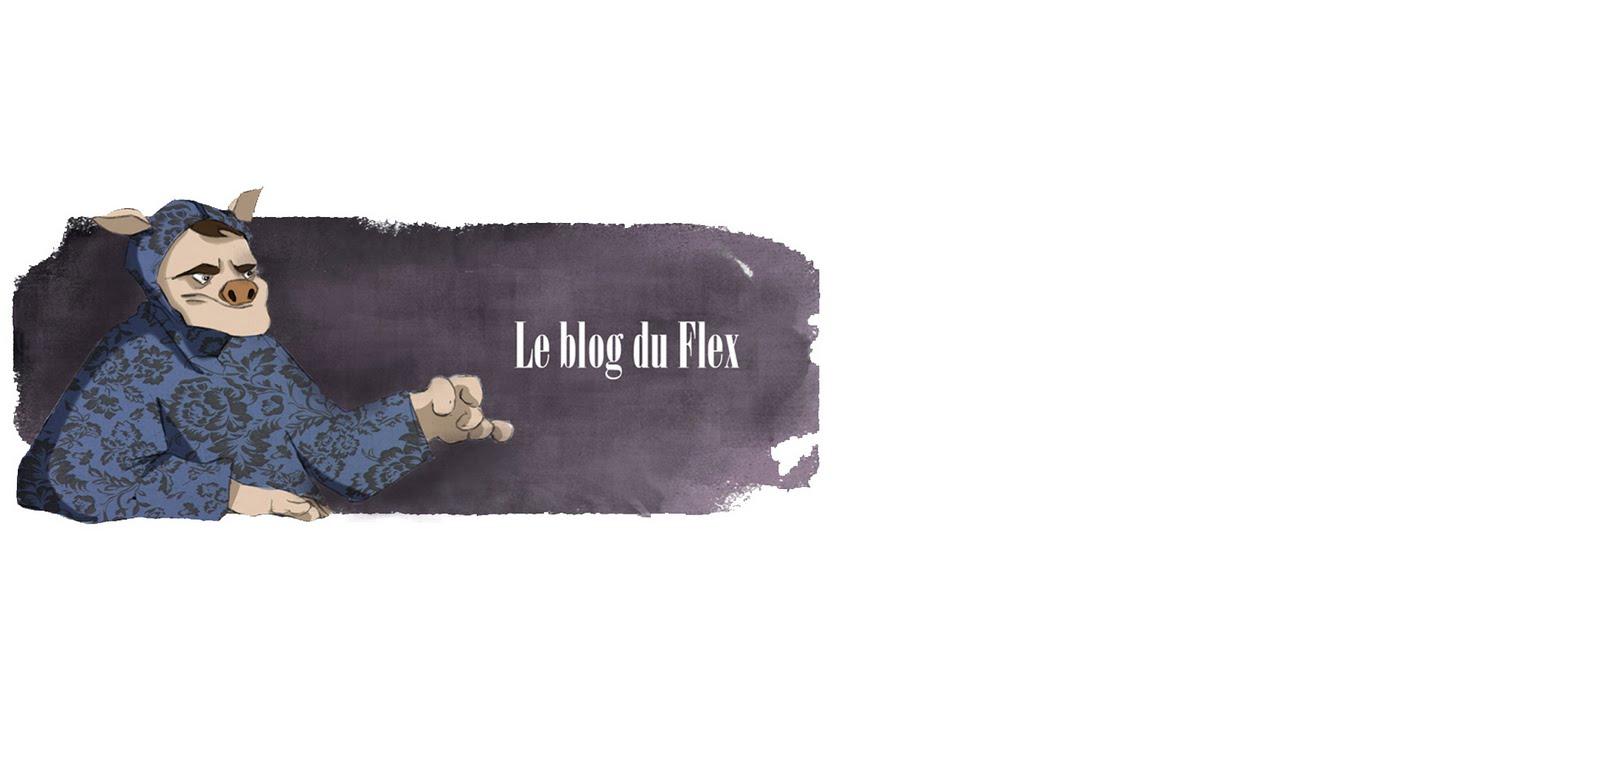 Le blog du Flex